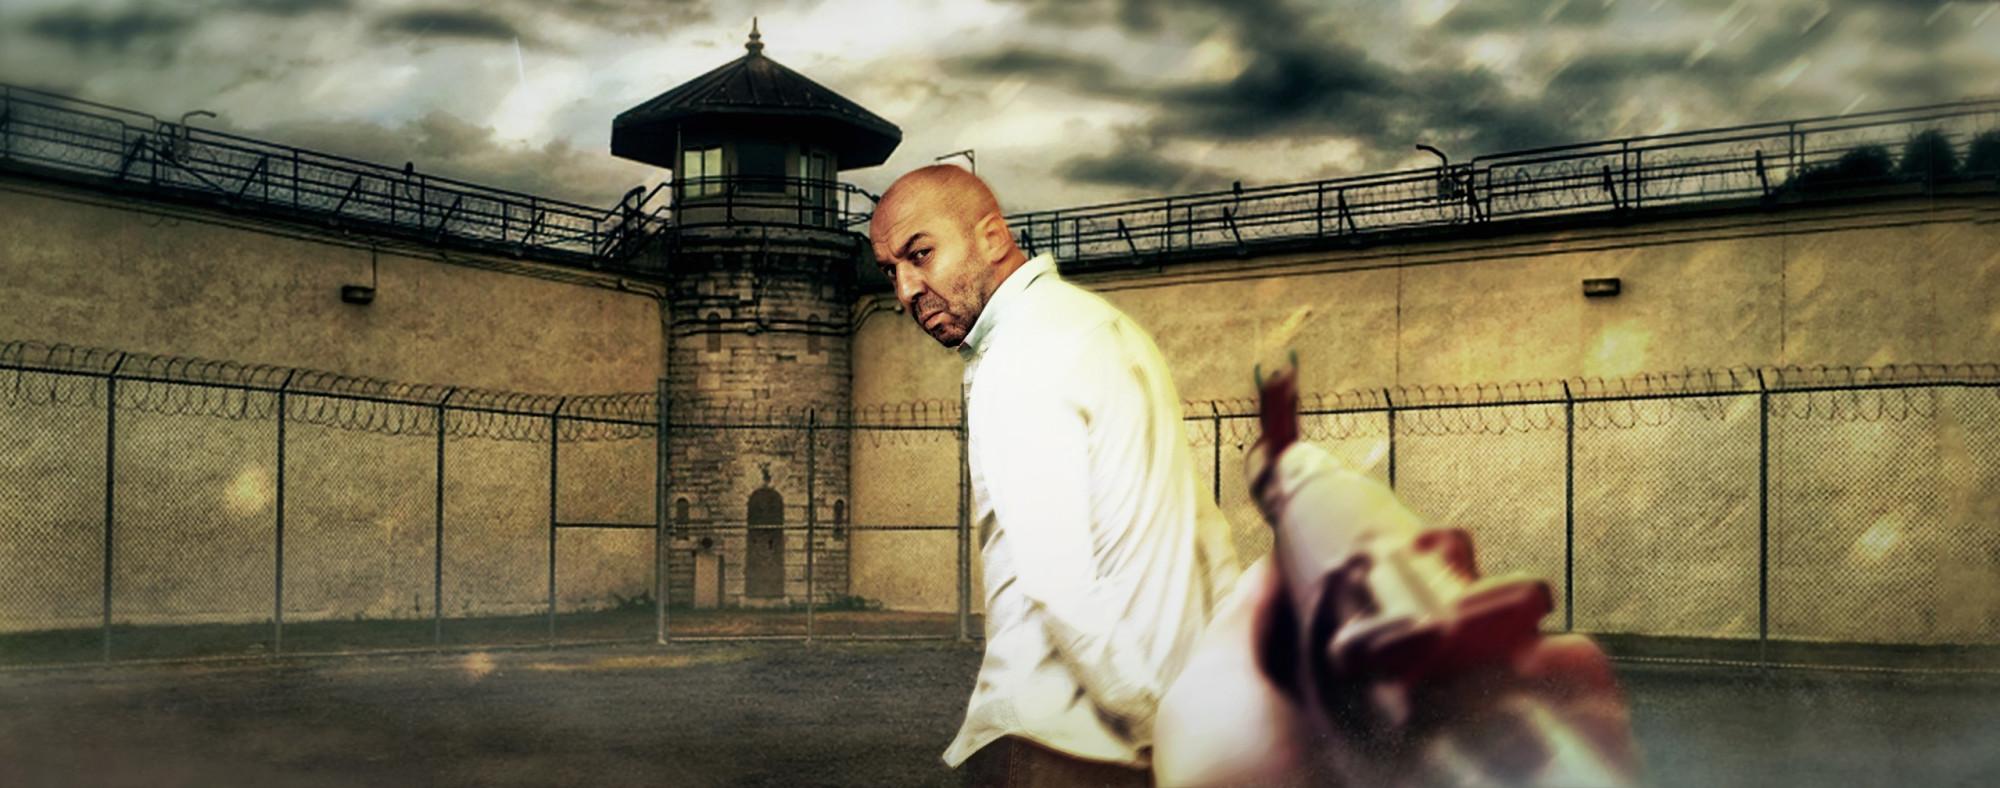 Лучшие фильмы о невольниках: «Шугалей», «Кандагар», «Кавказский пленник»